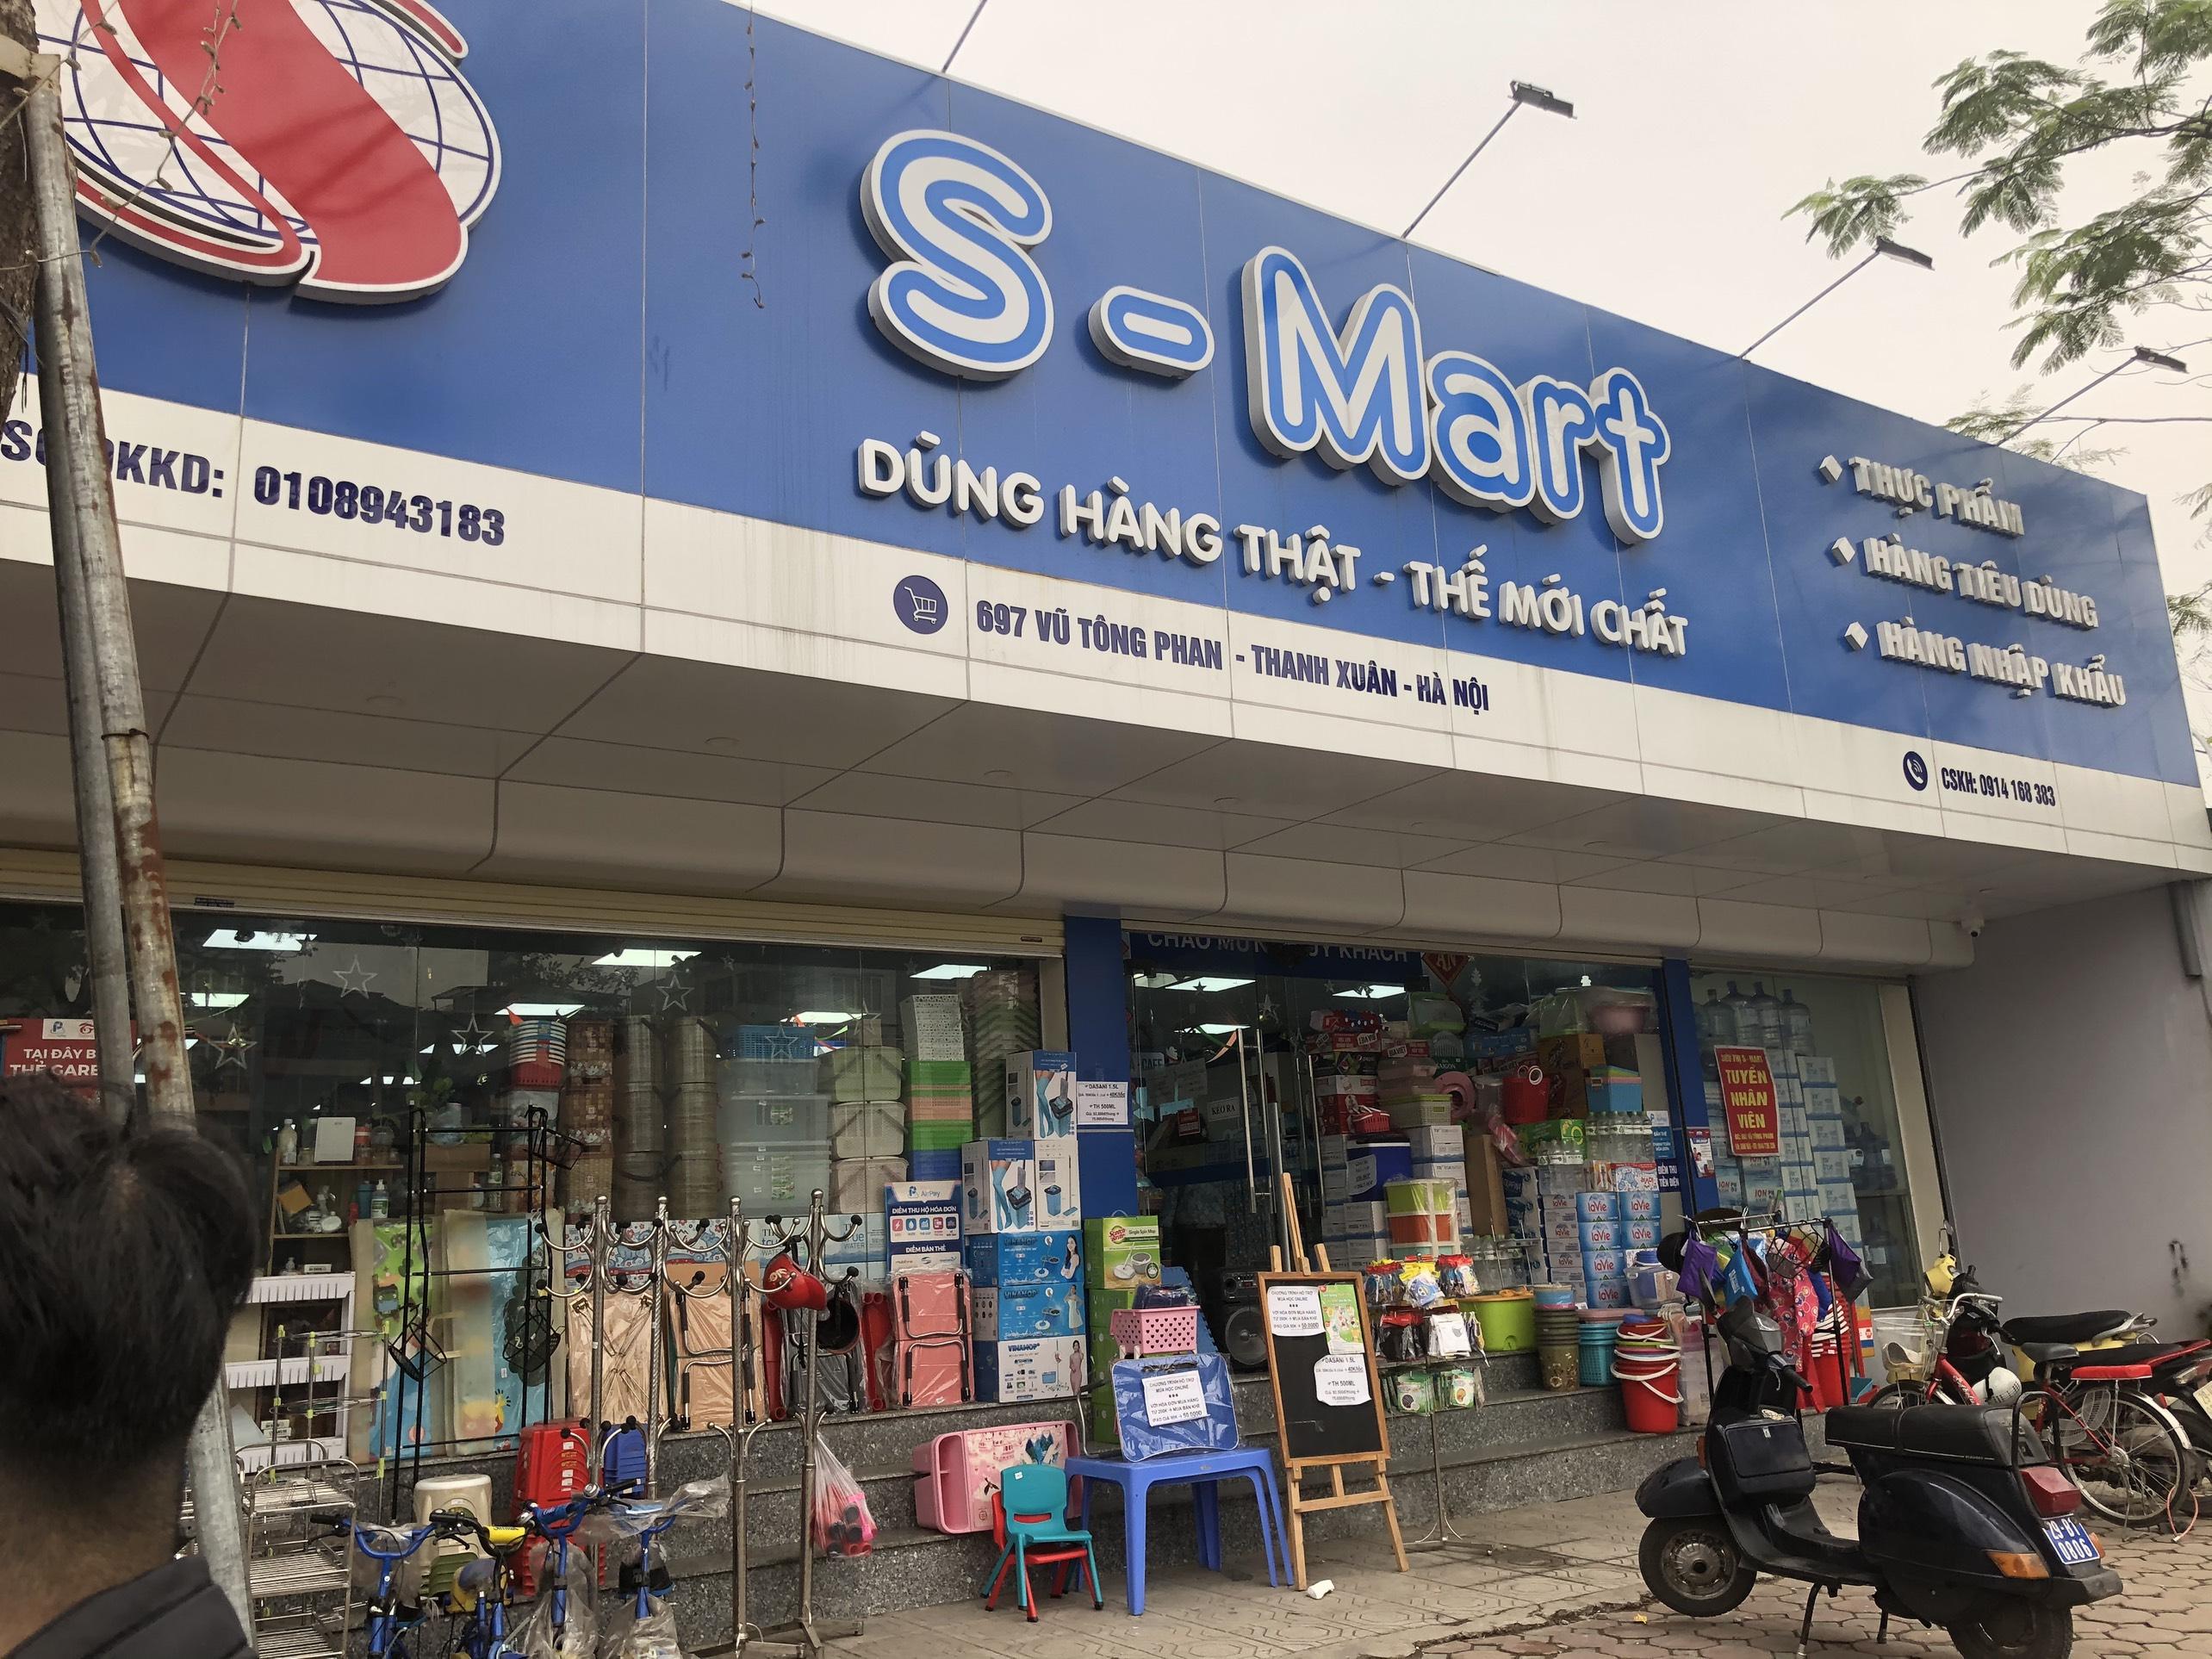 Siêu thị S-Mart Vũ Tông Phan bán hàng hết 'date', hàng hóa không rõ nguồn gốc?